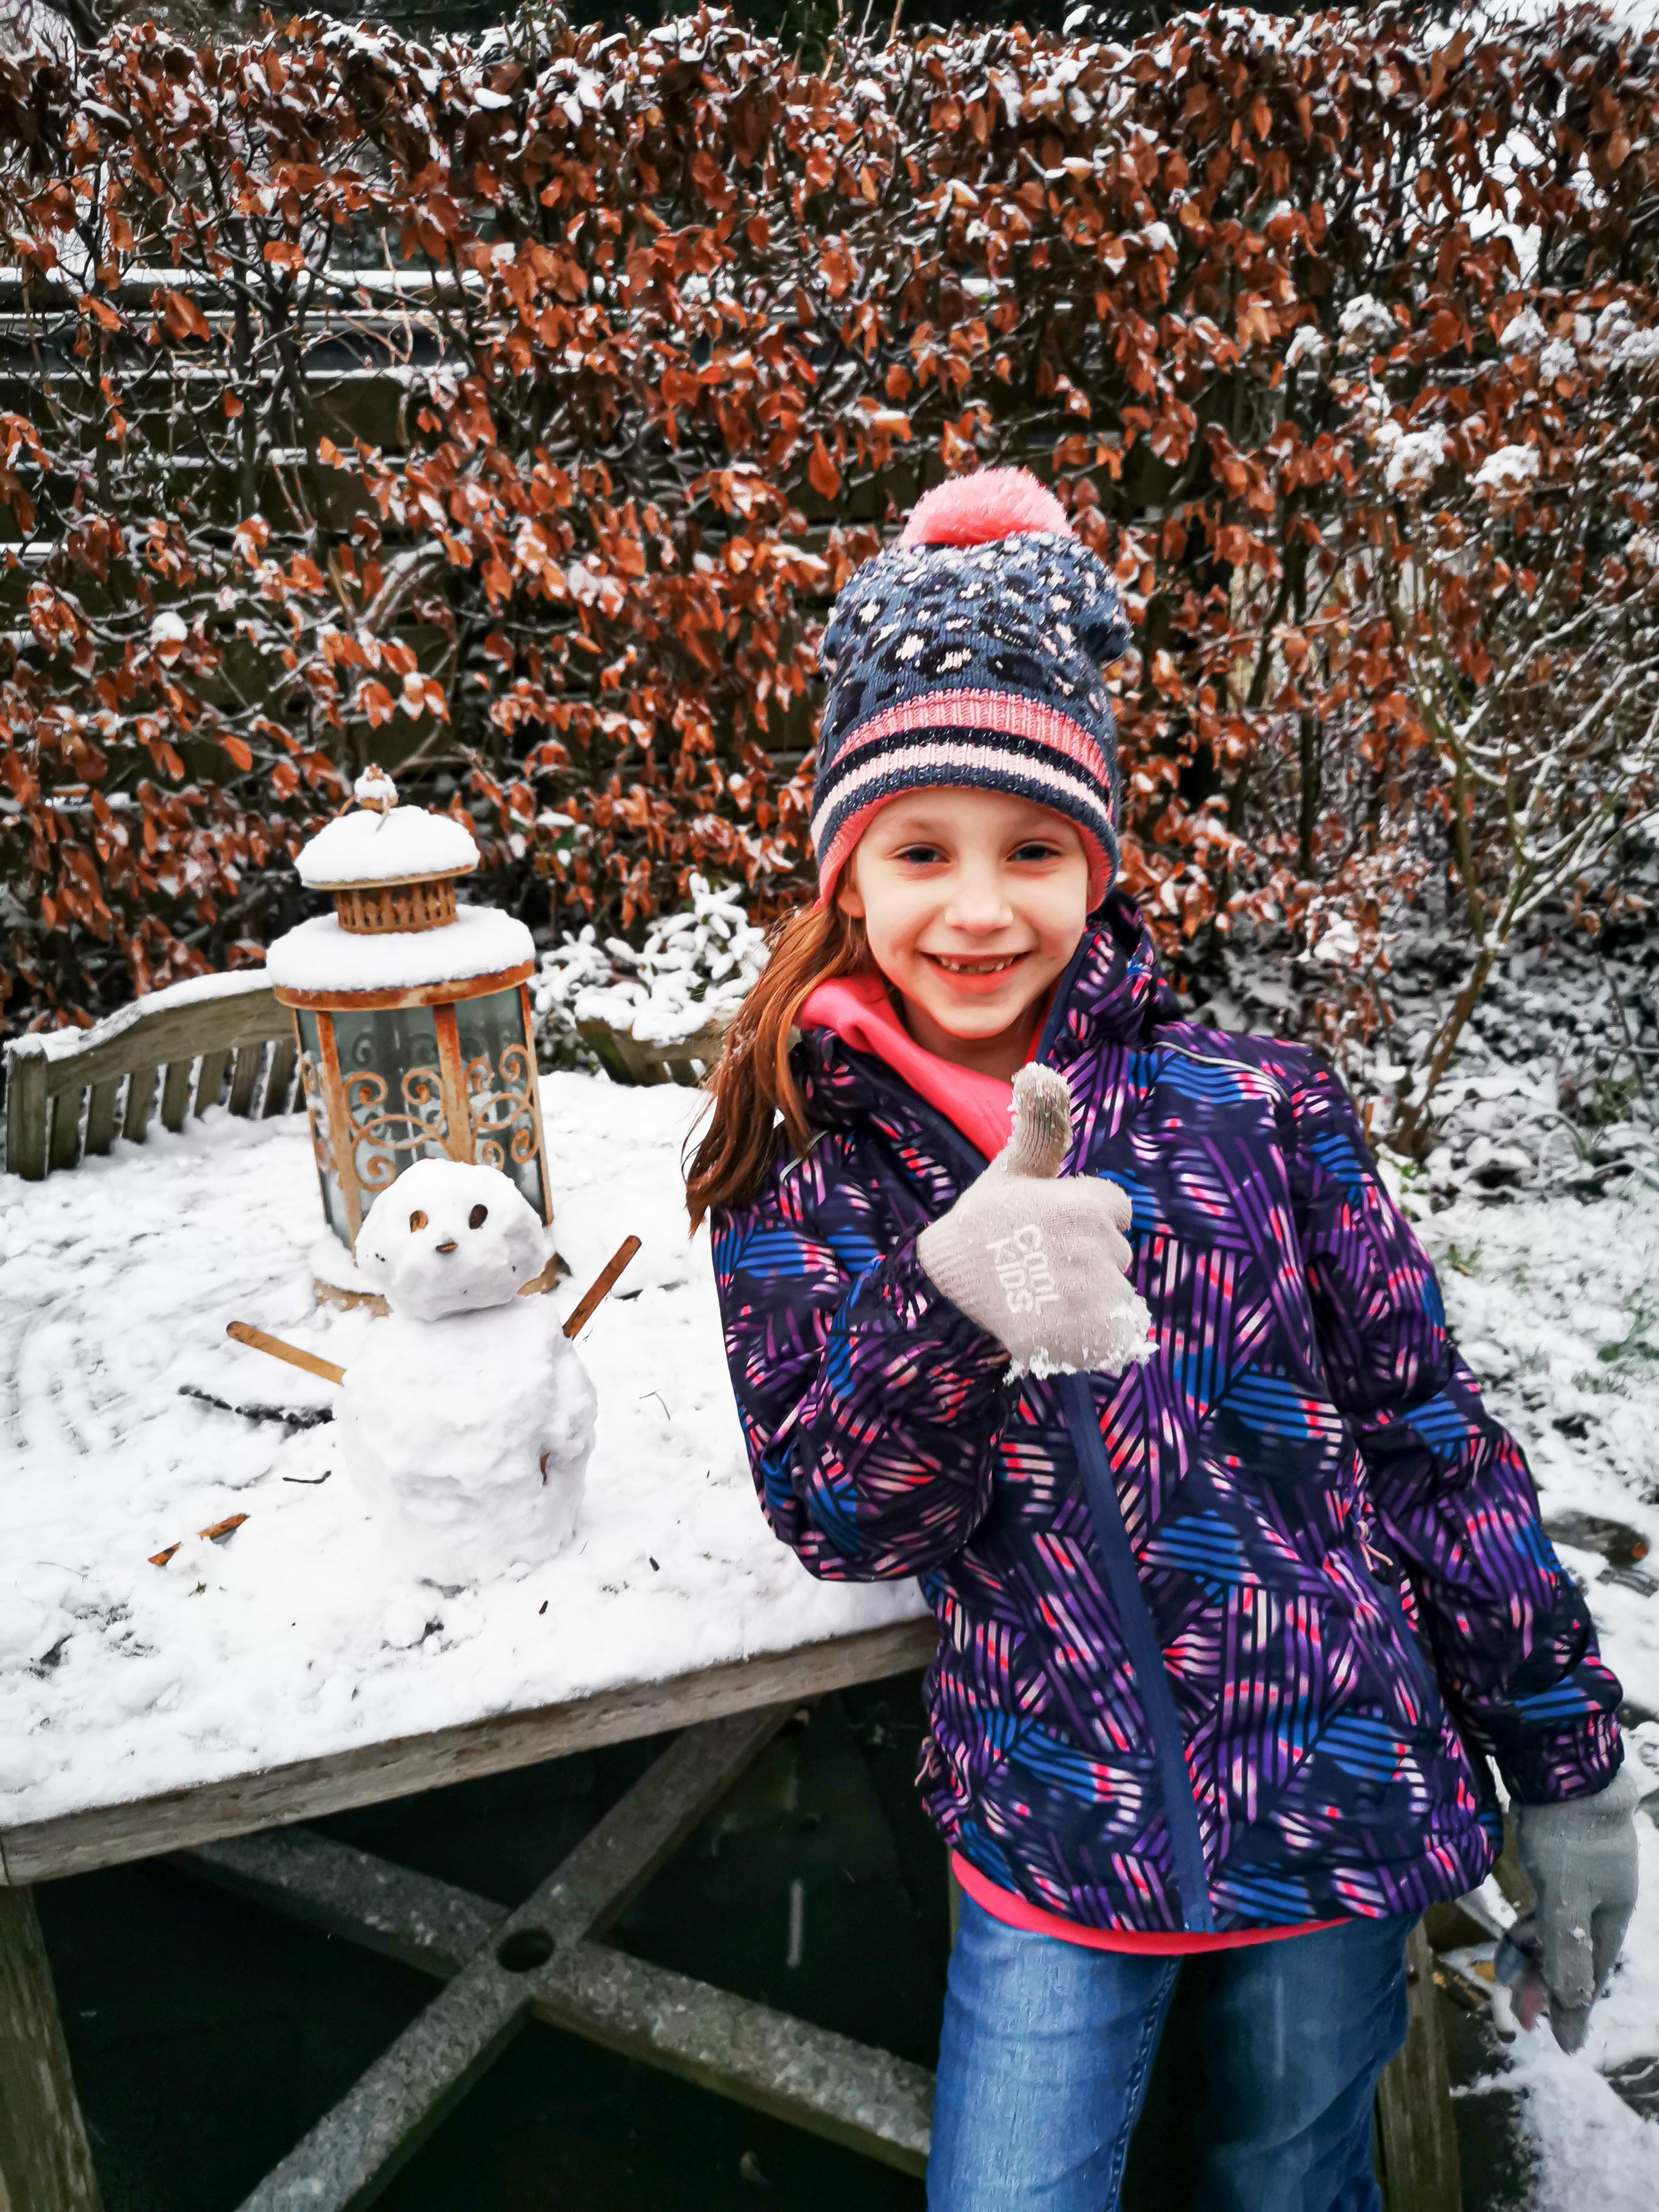 West-Friese winterfoto's: van een besneeuwde molen De Herder tot de sneeuwpop van Saar (6) [fotoalbum]